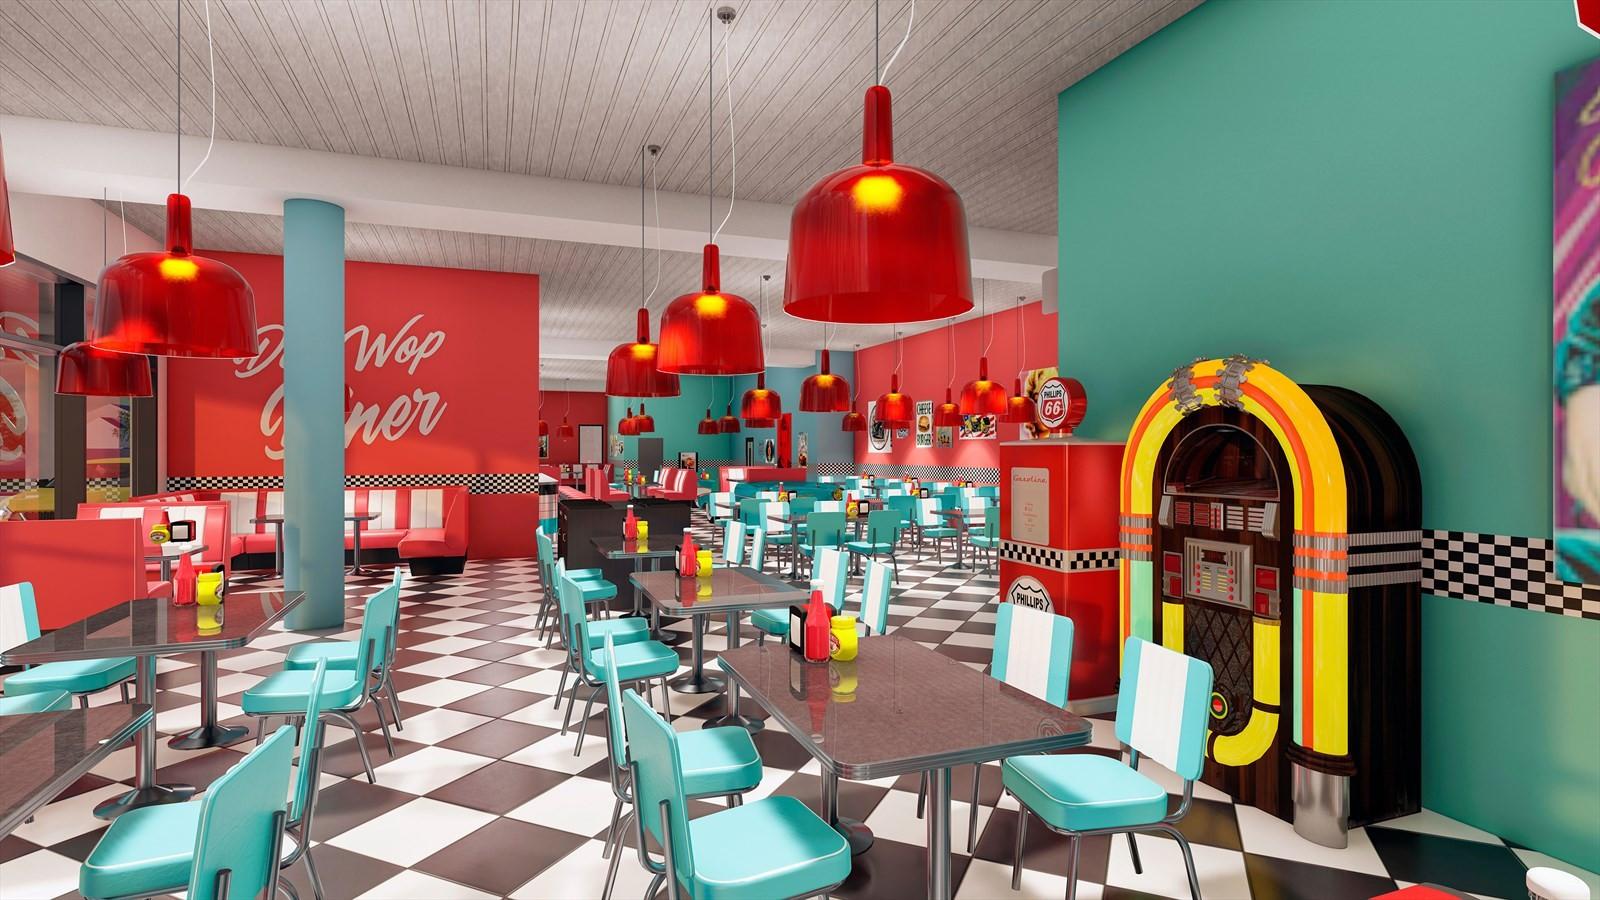 Servering- og bevertningslokale. Her illustrert som American Diner.